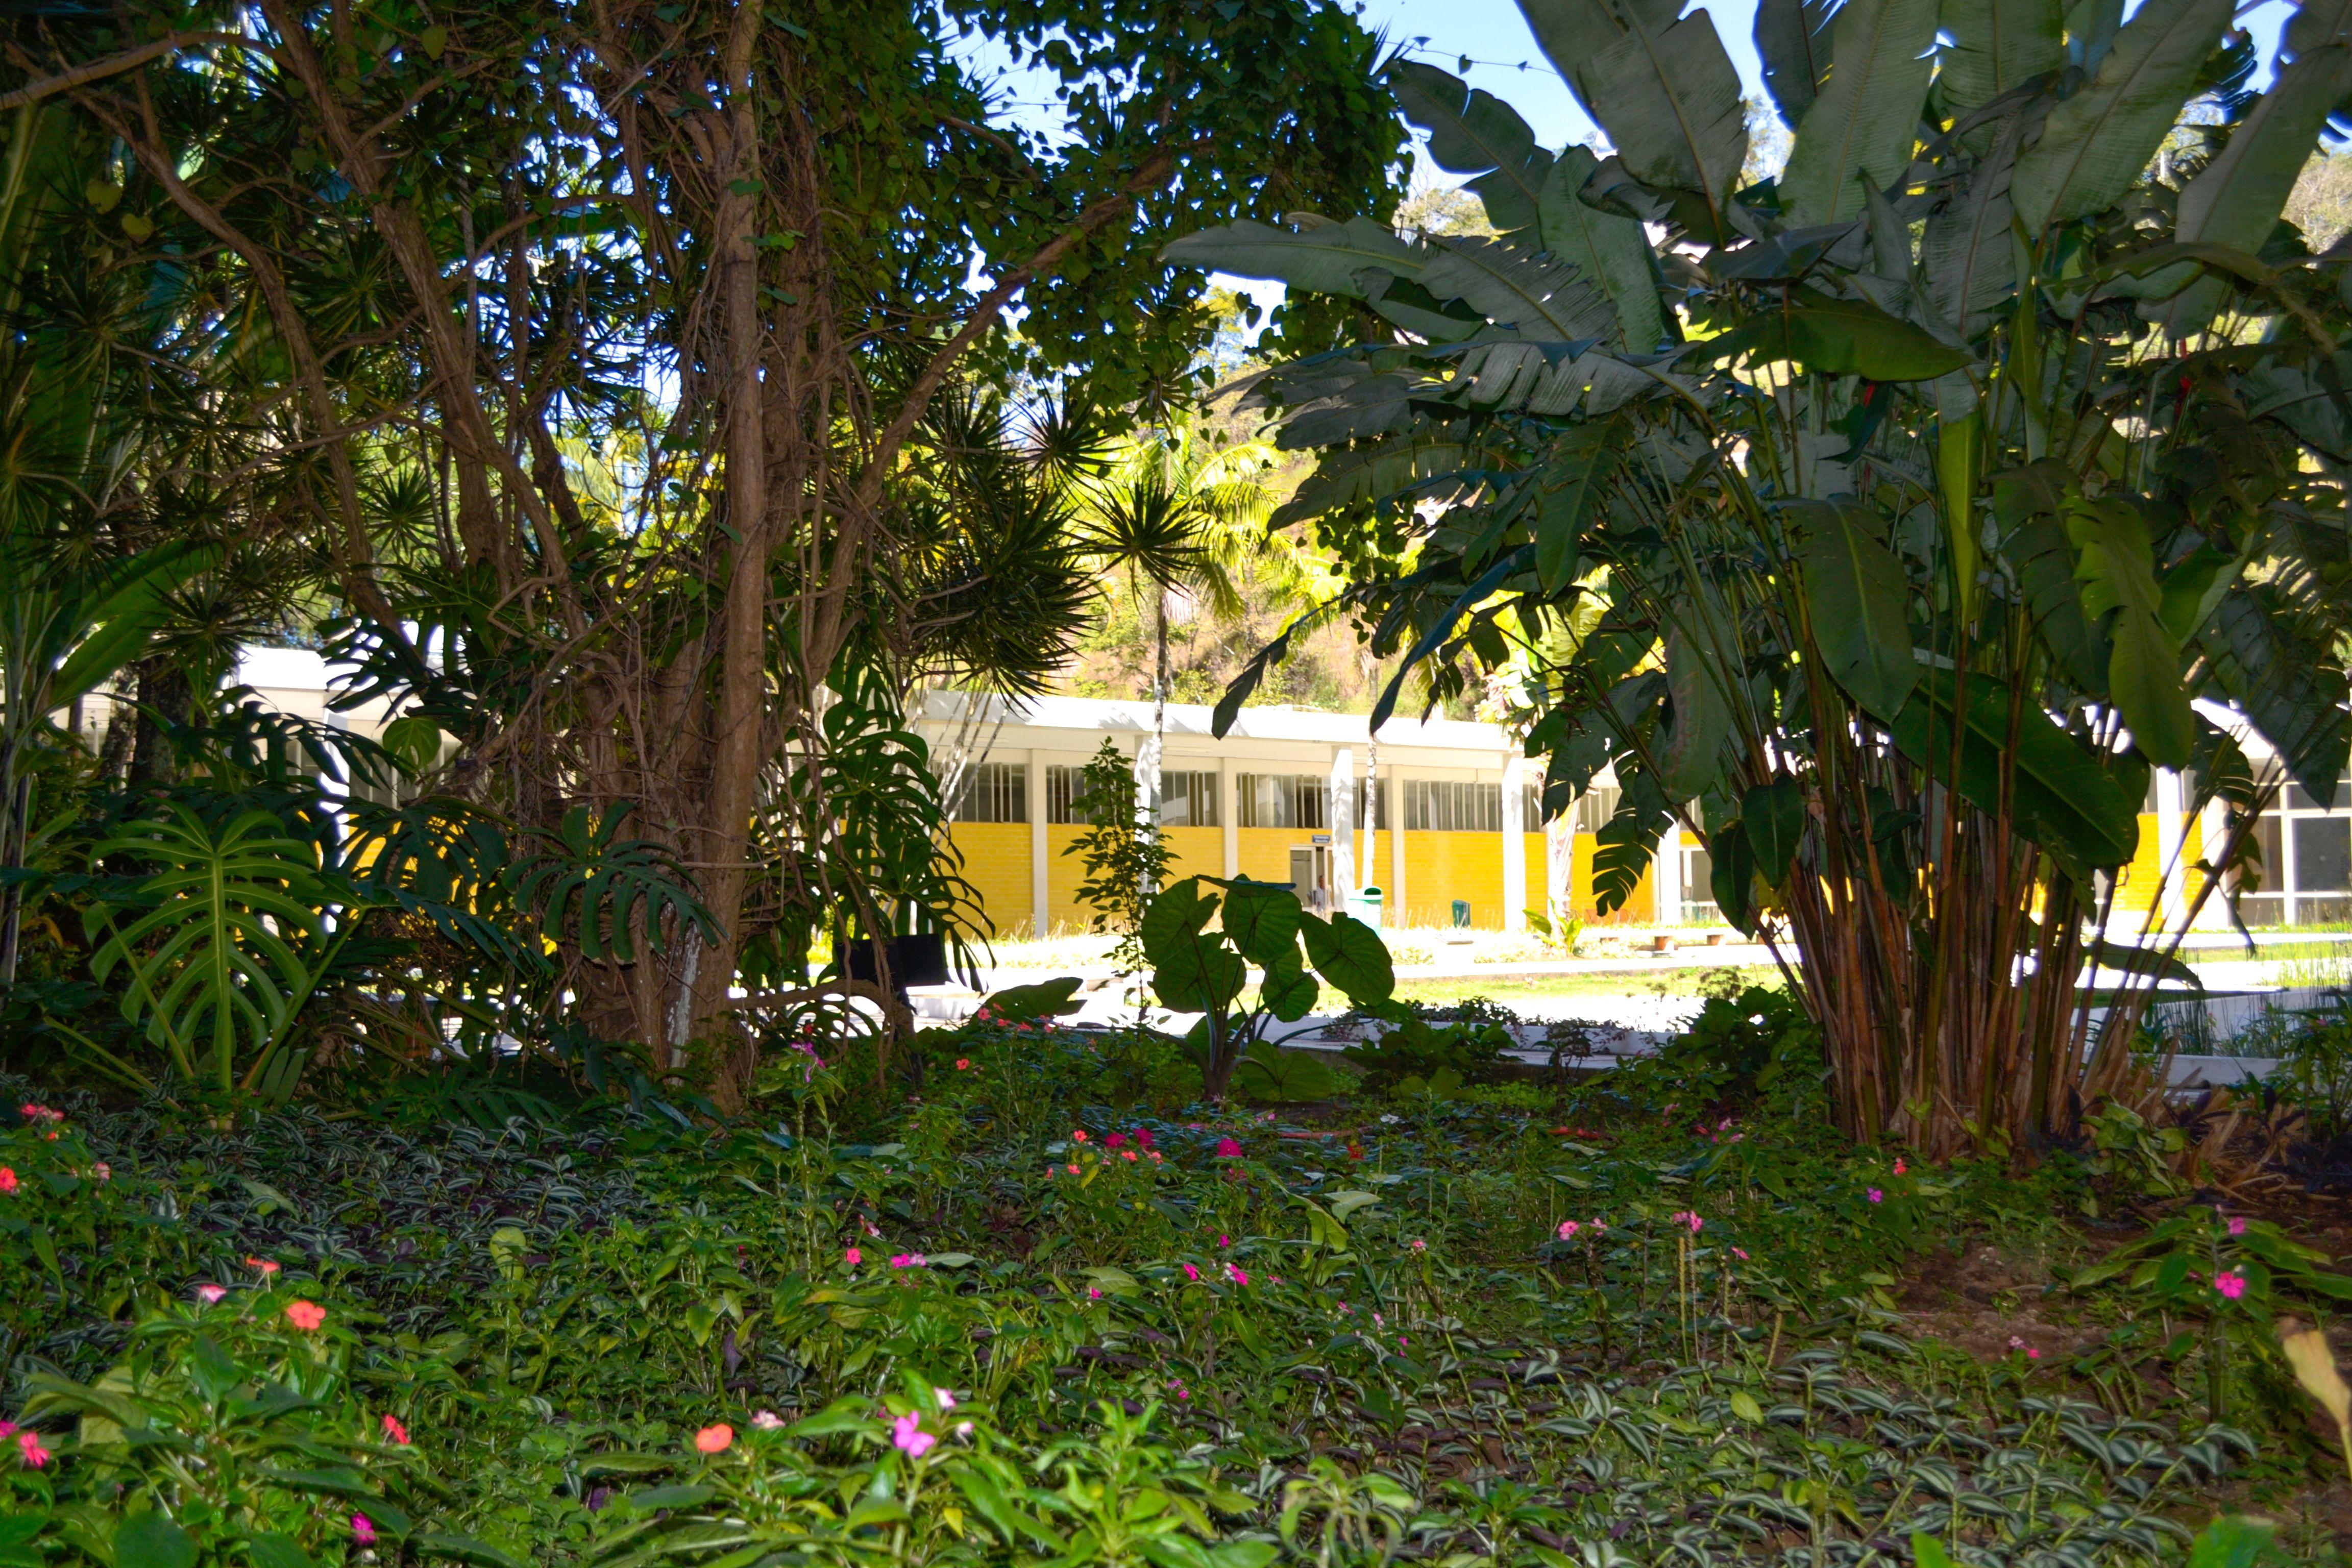 Um Espaco Agradabilissimo Cercado De Verde E Belos Jardins